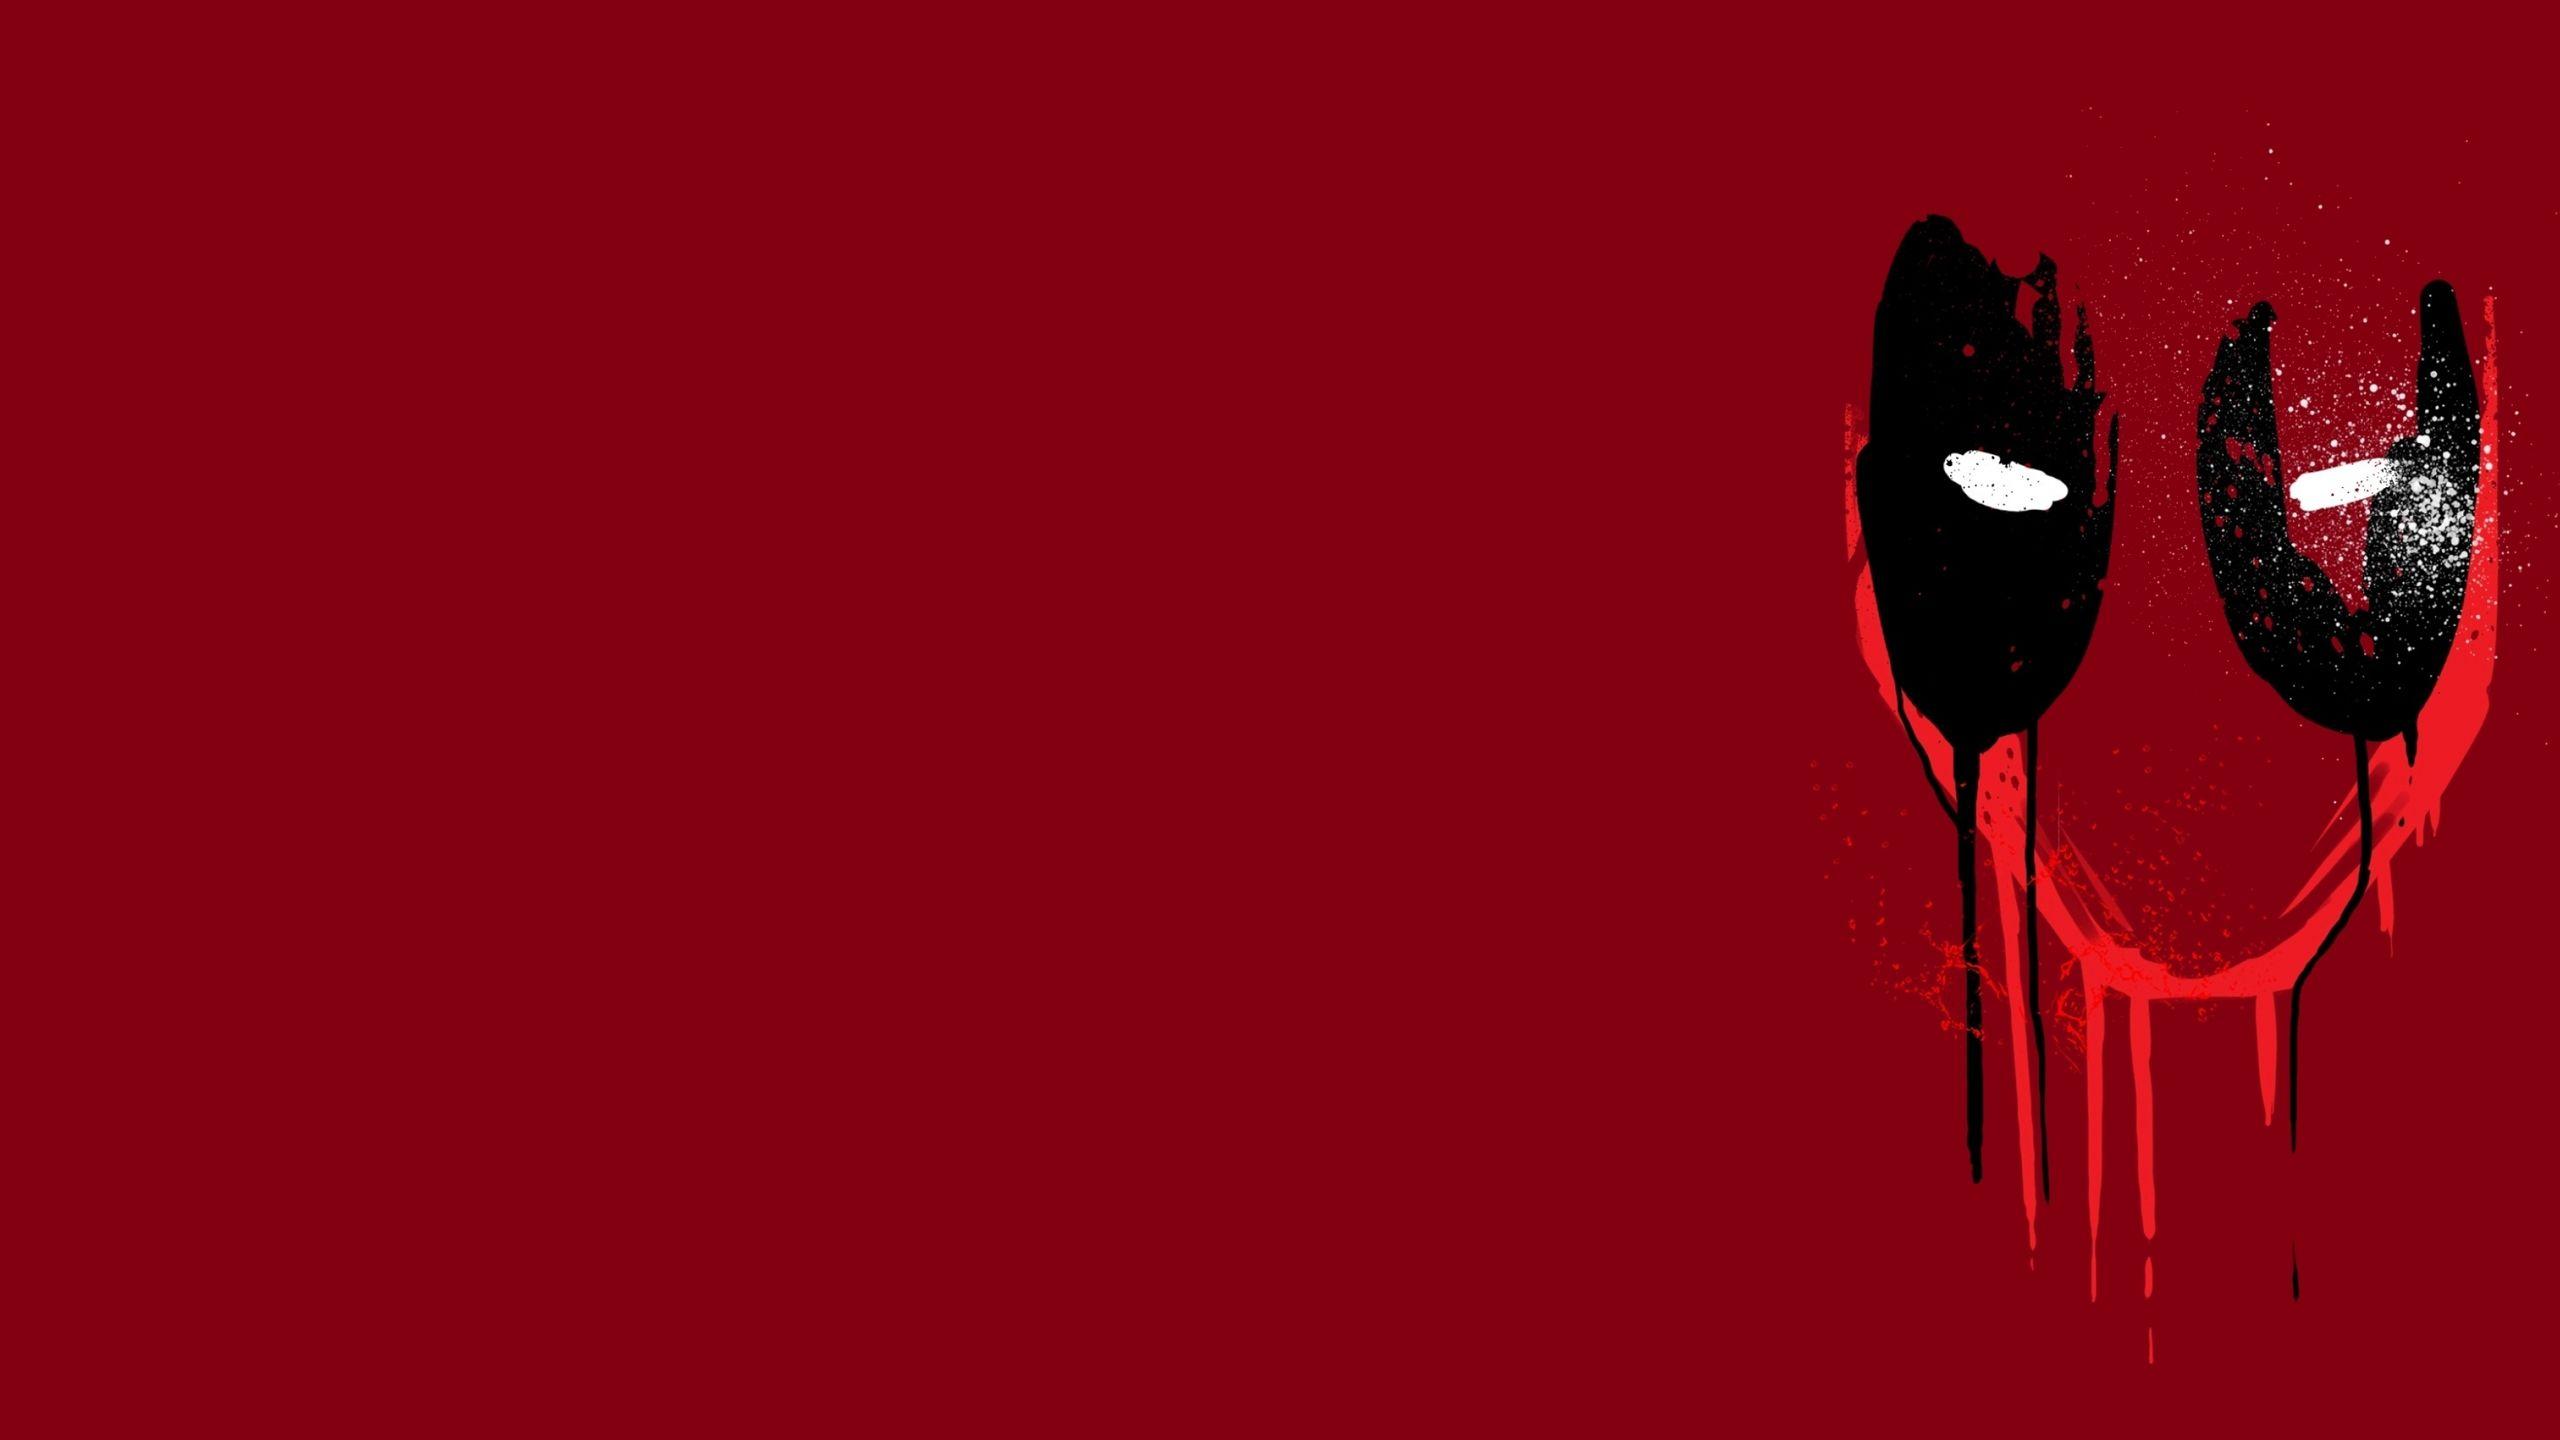 1000 Ideas About Deadpool Hd Wallpaper On Pinterest: Deadpool HD Wallpapers: Find Best Latest Deadpool HD